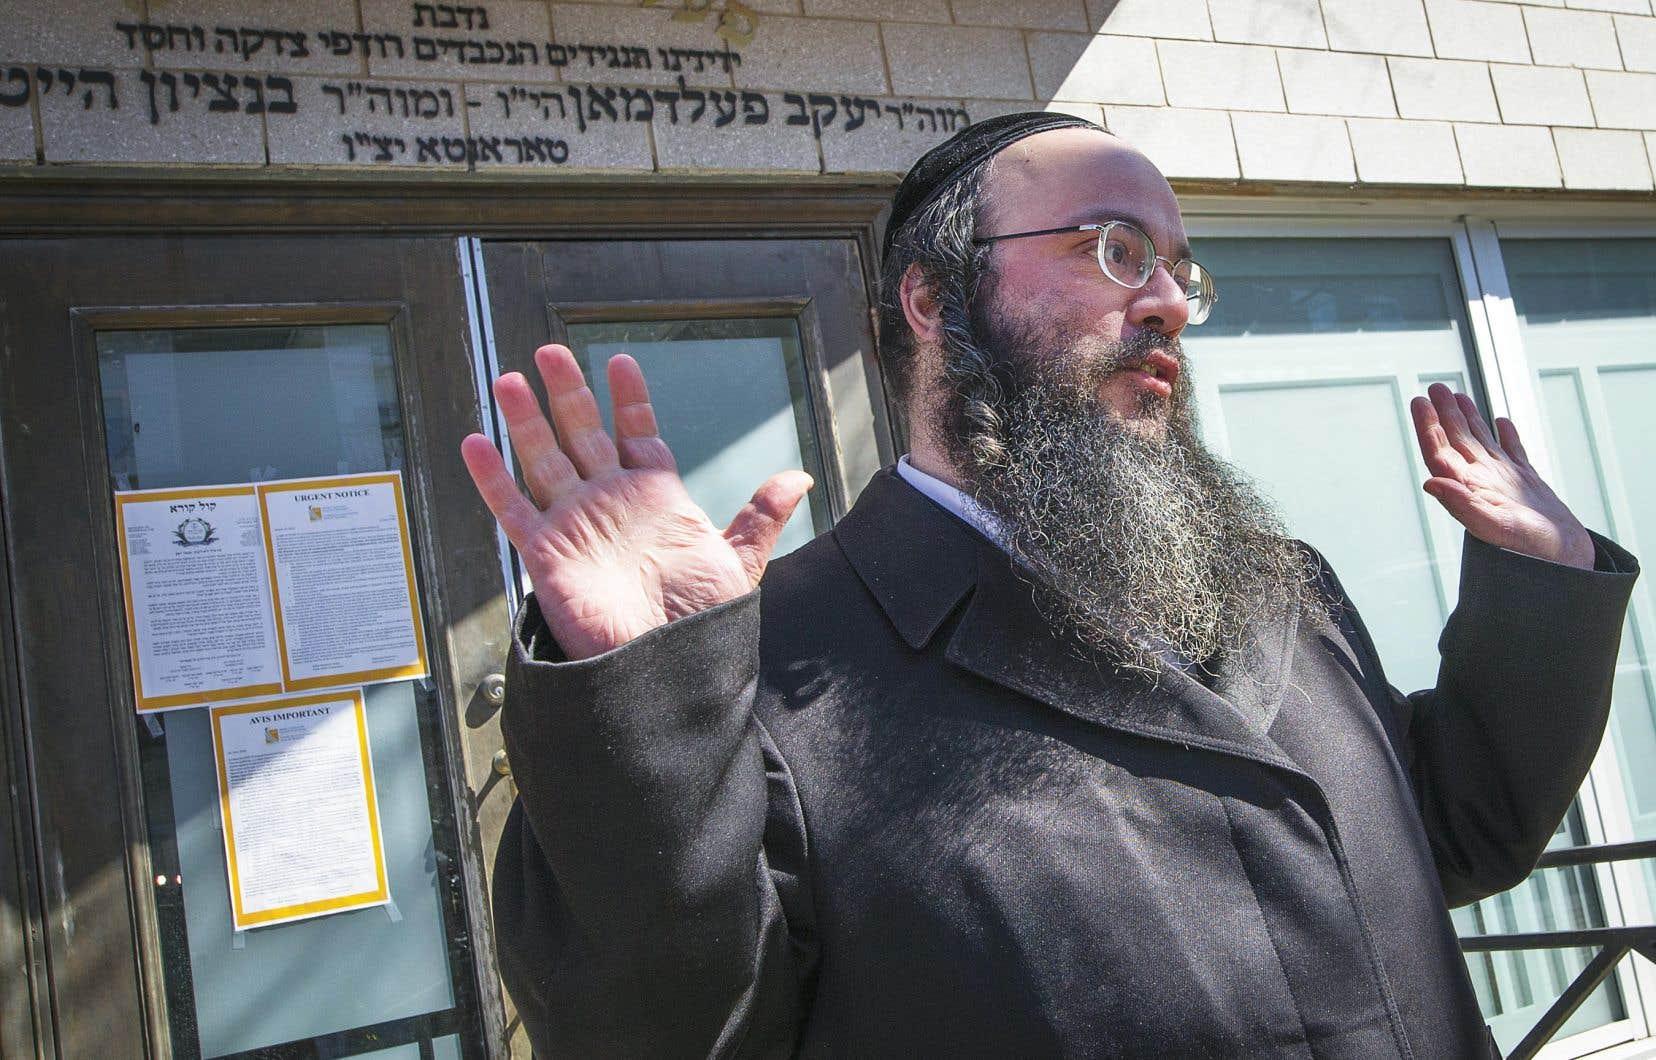 Un porte-parole des communautés juives hassidiques d'Outremont, Abraham Ekstein, a exprimé la peine provoquée par la mort d'un homme de 67 ans au sein de sa communauté.